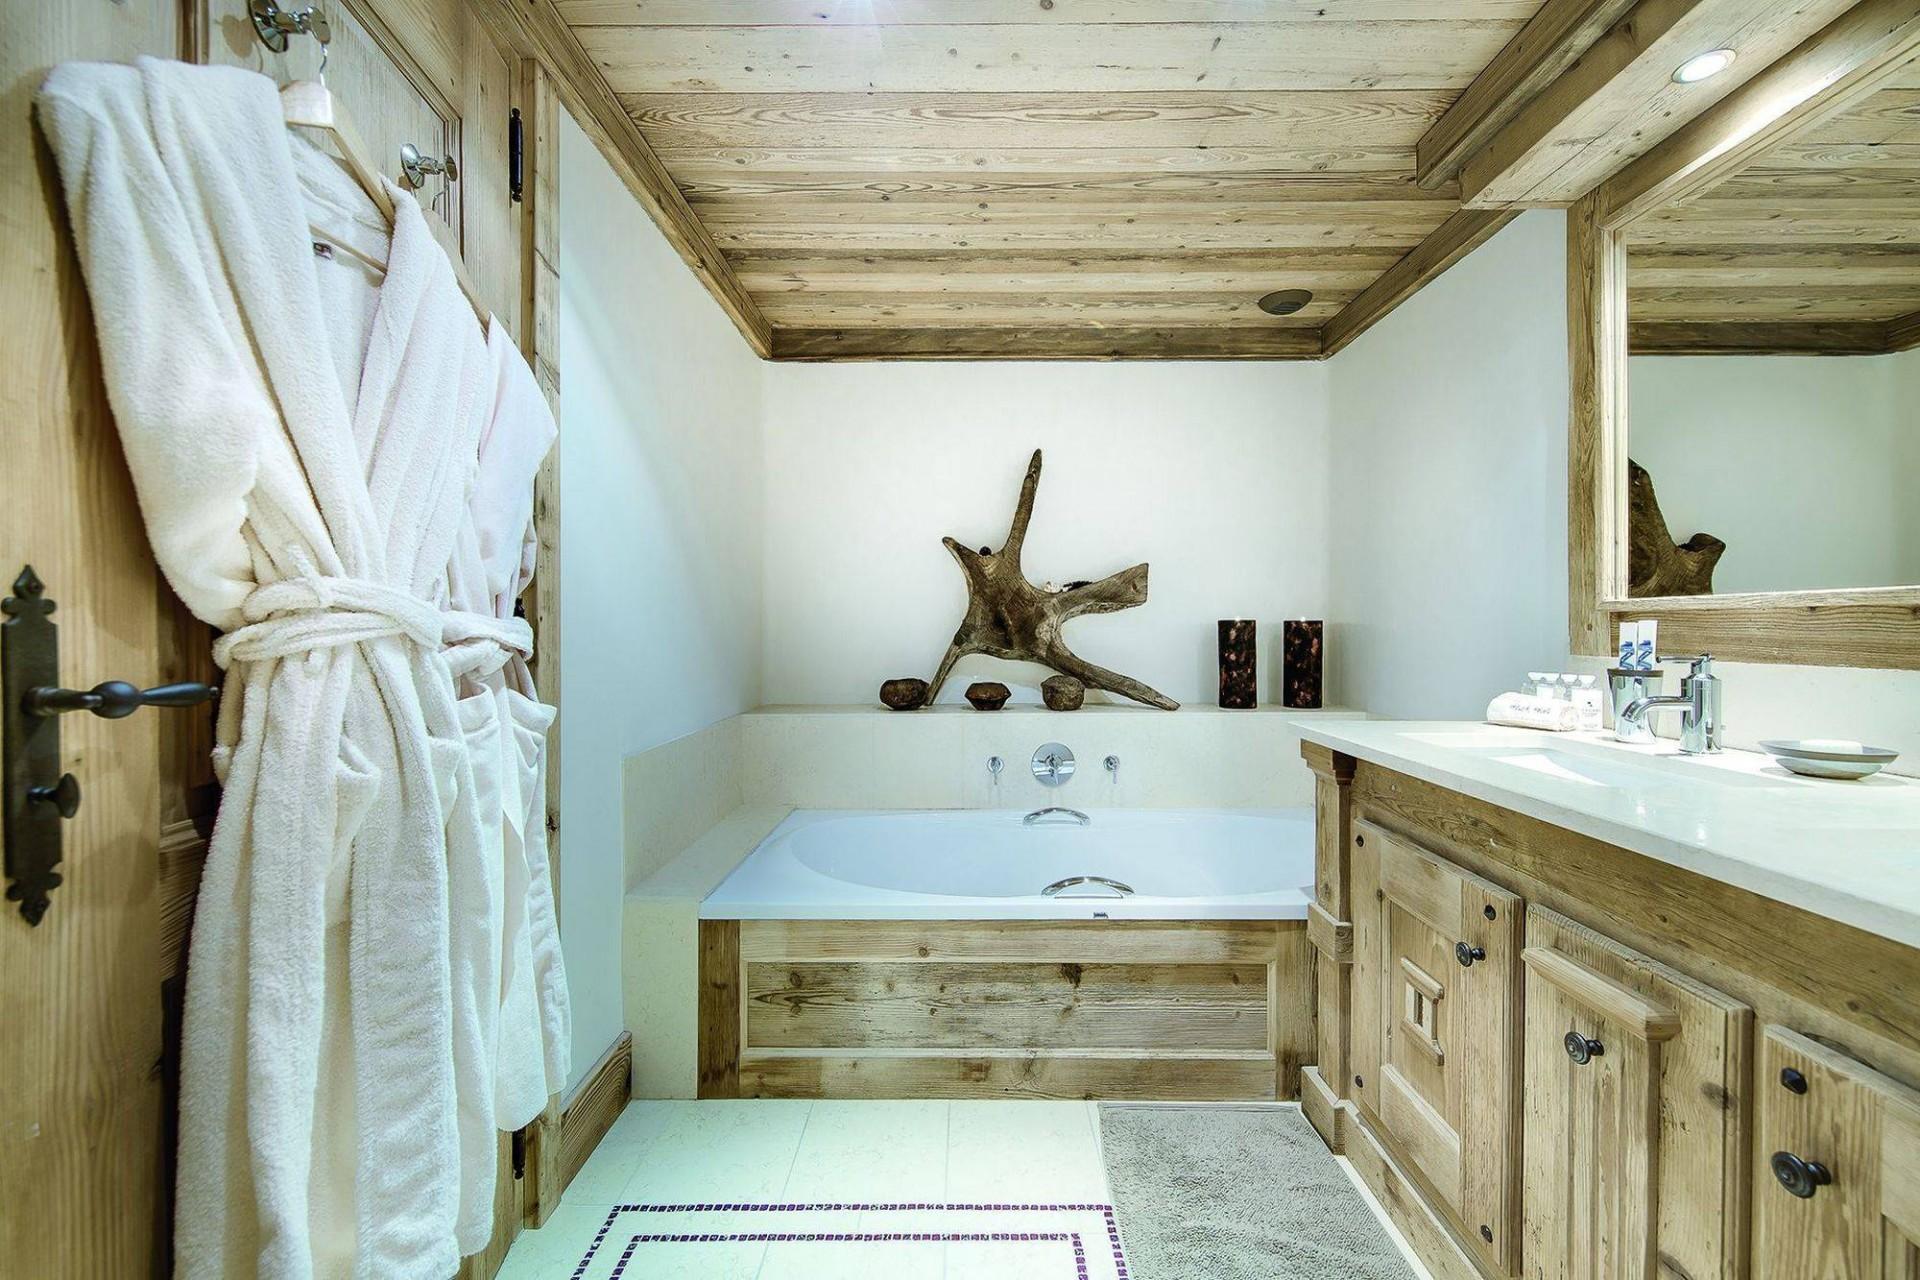 Courchevel 1850 Luxury Rental Chalet Bepalite Bathroom 2